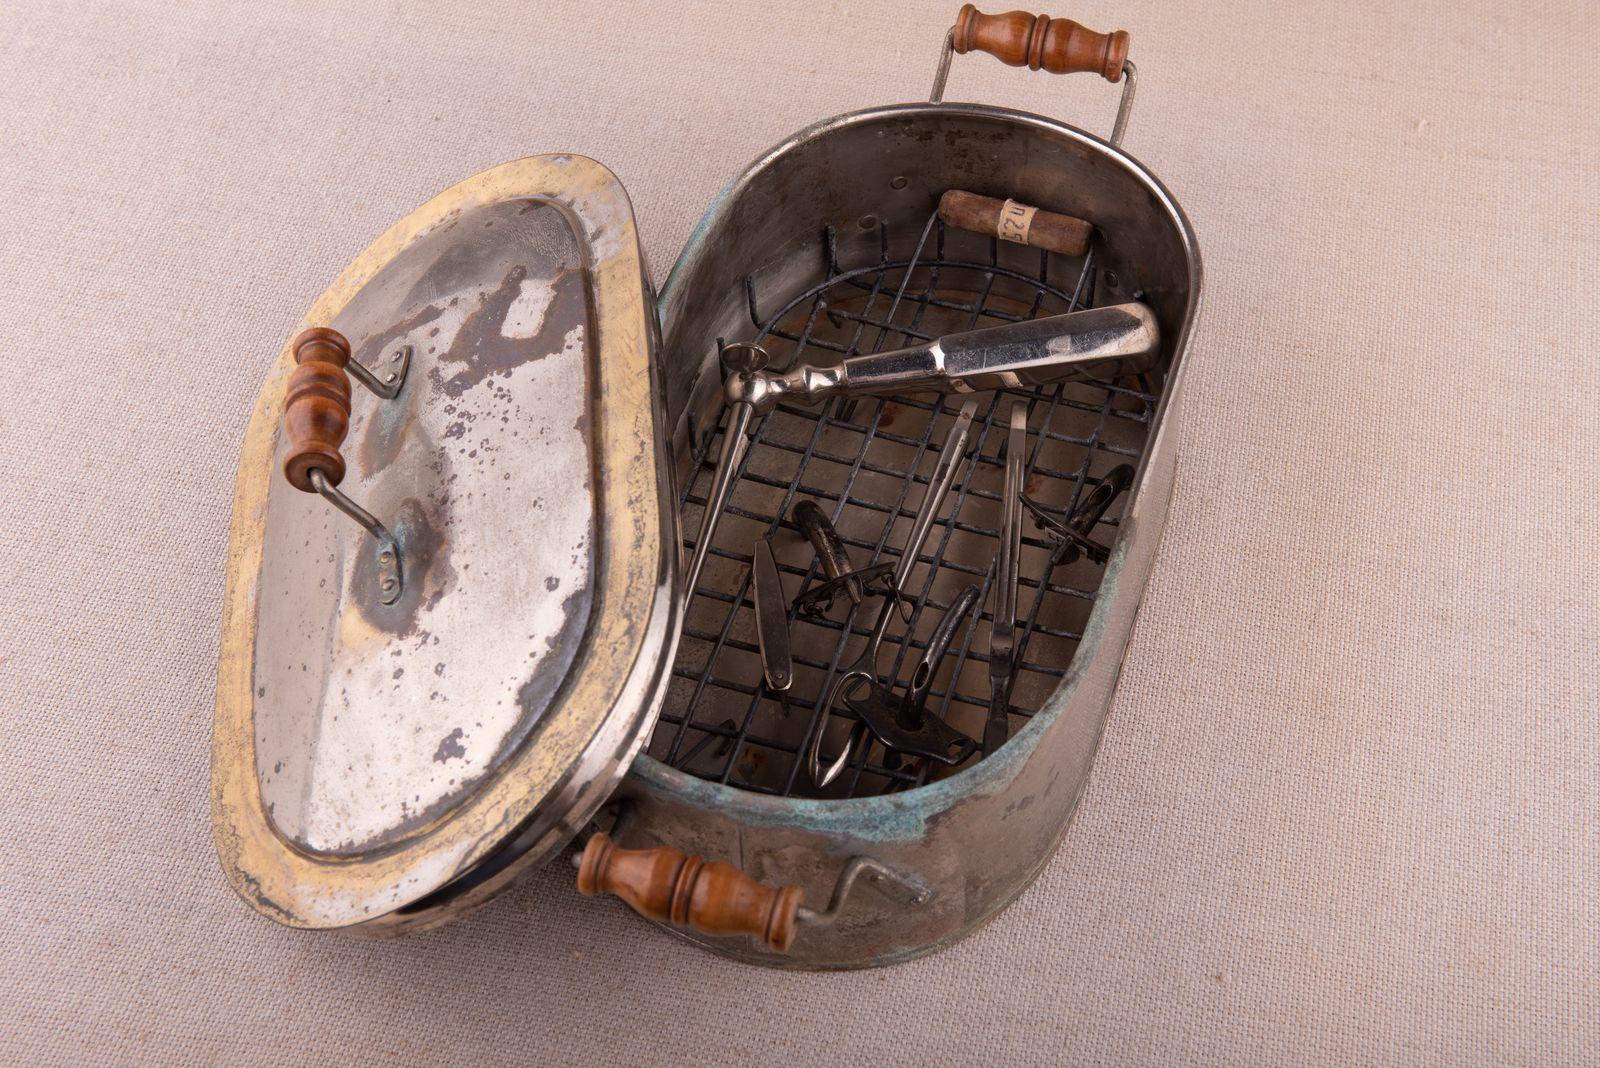 Muzei48_Стерилизатор с медицински инструменти от началото на 20-ти век